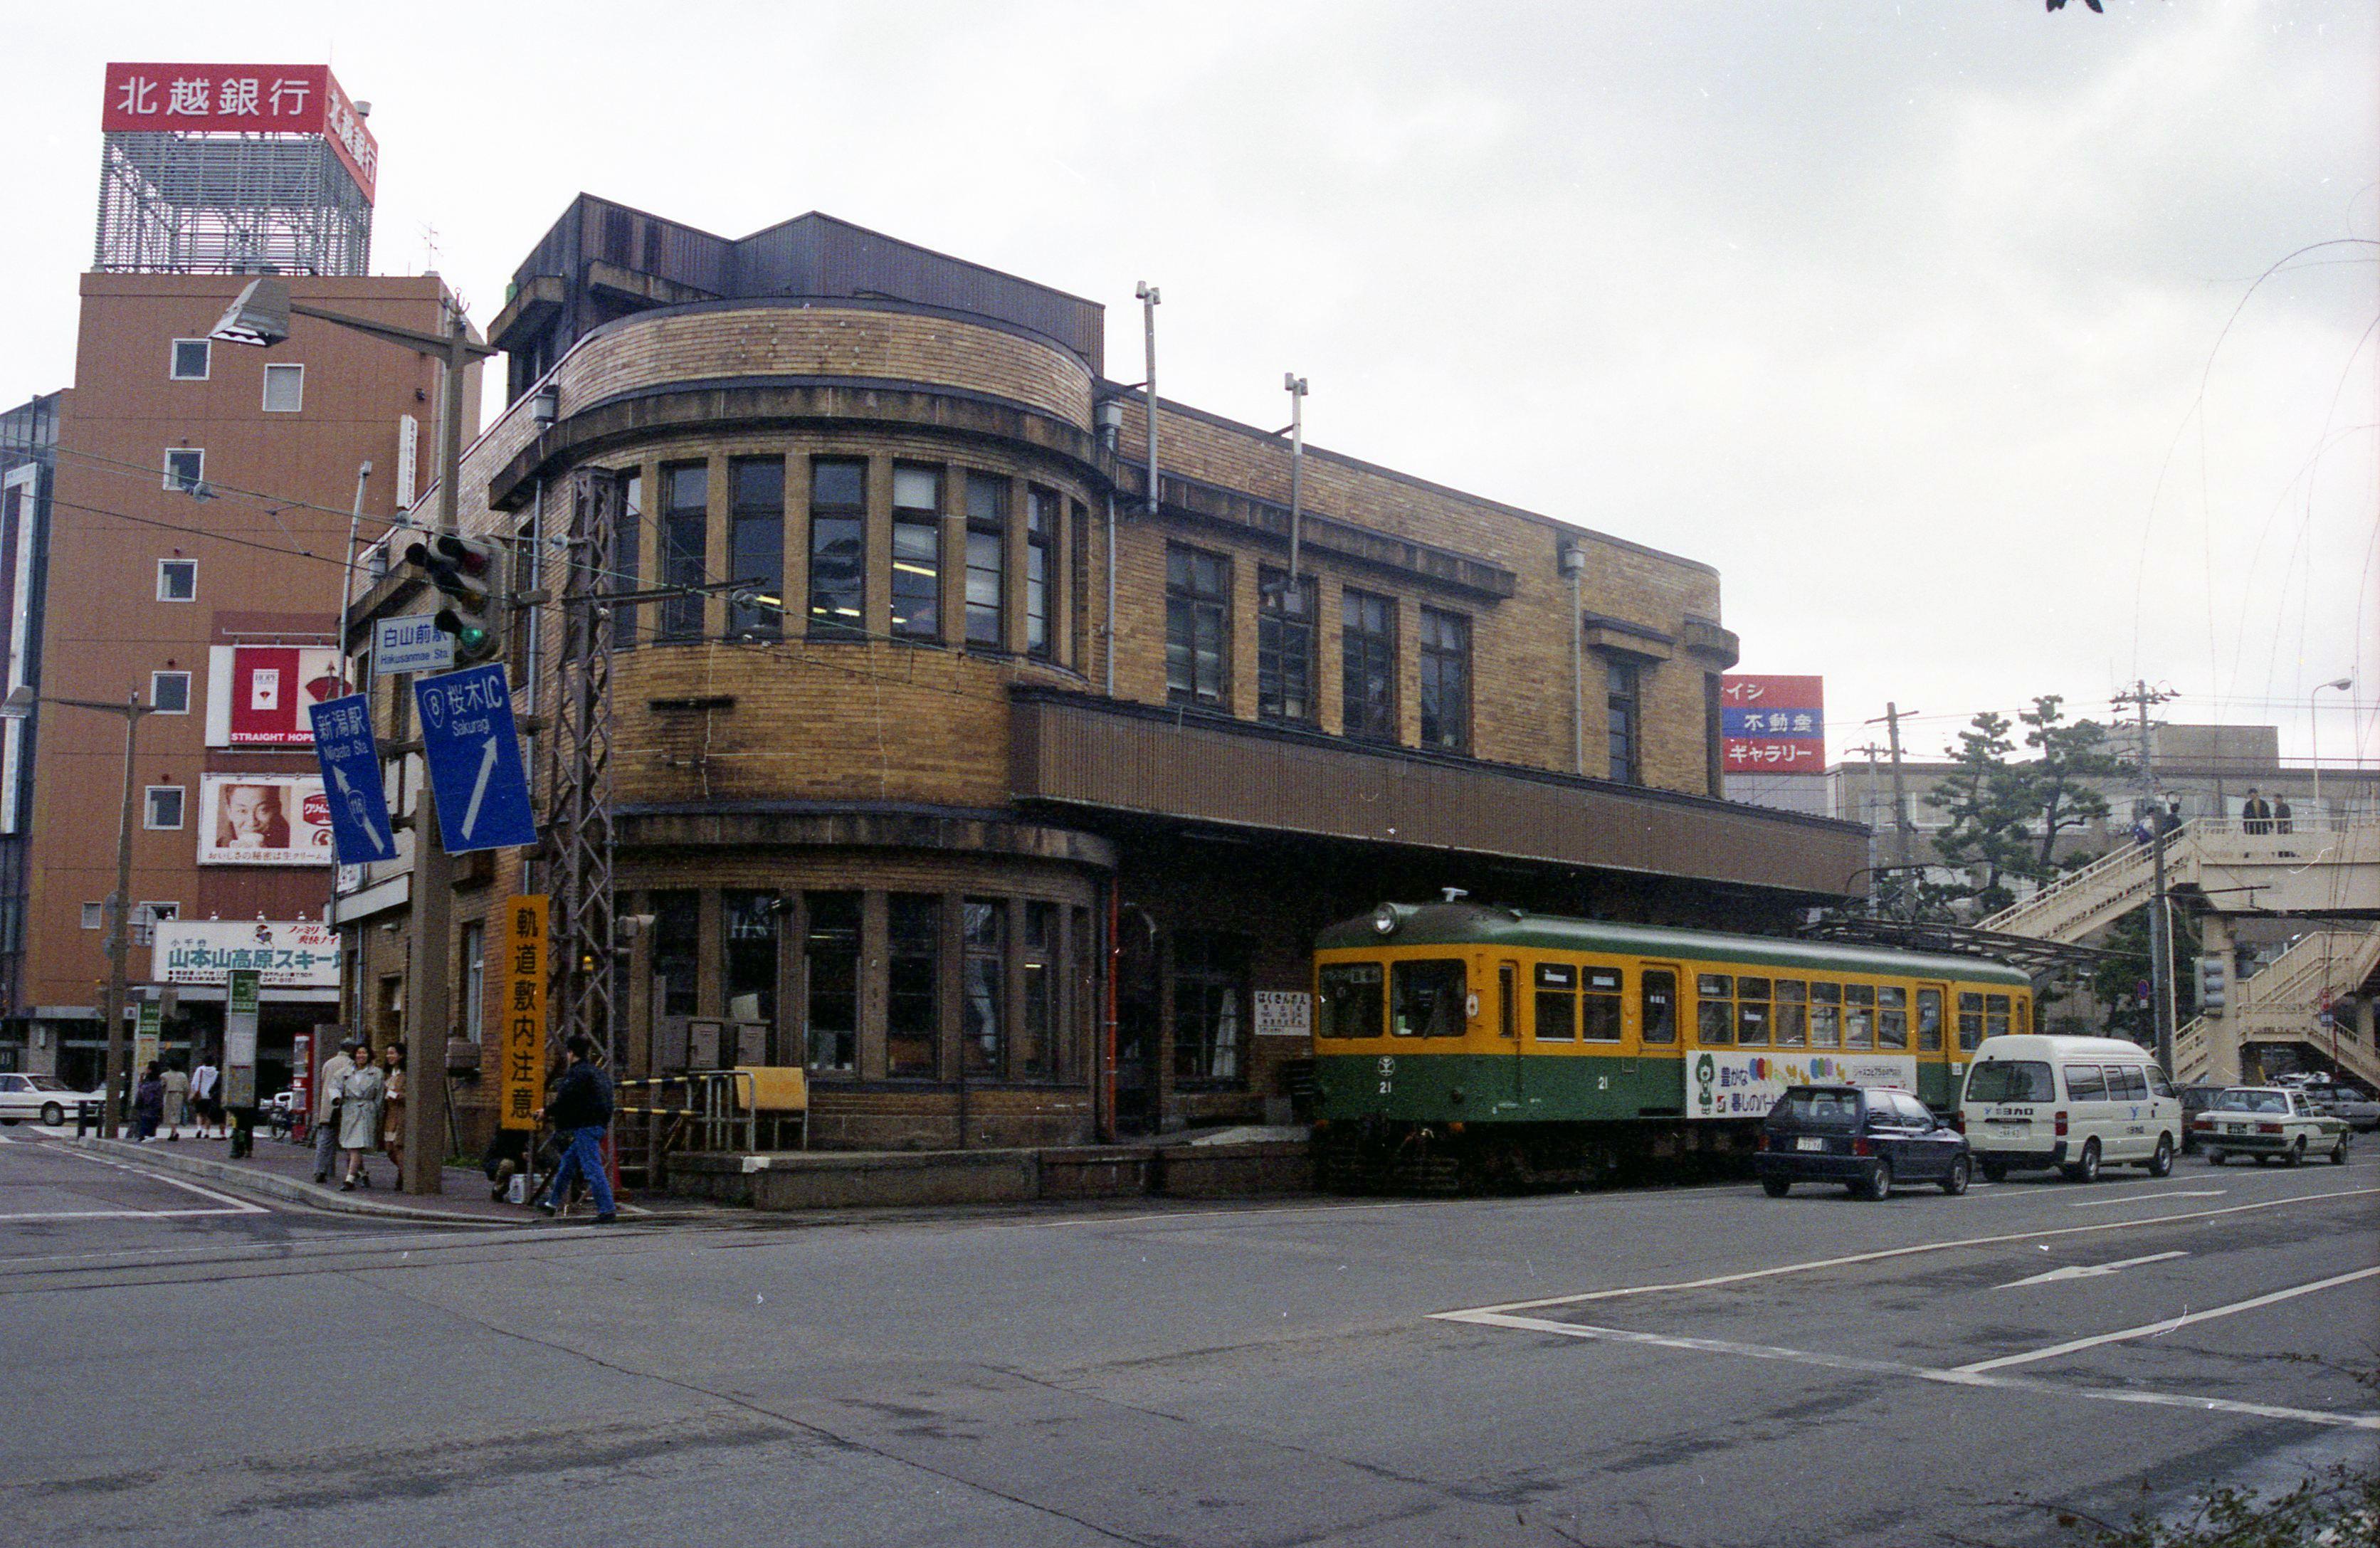 旧白山前駅と「かぼちゃ電車」(新潟交通提供写真)